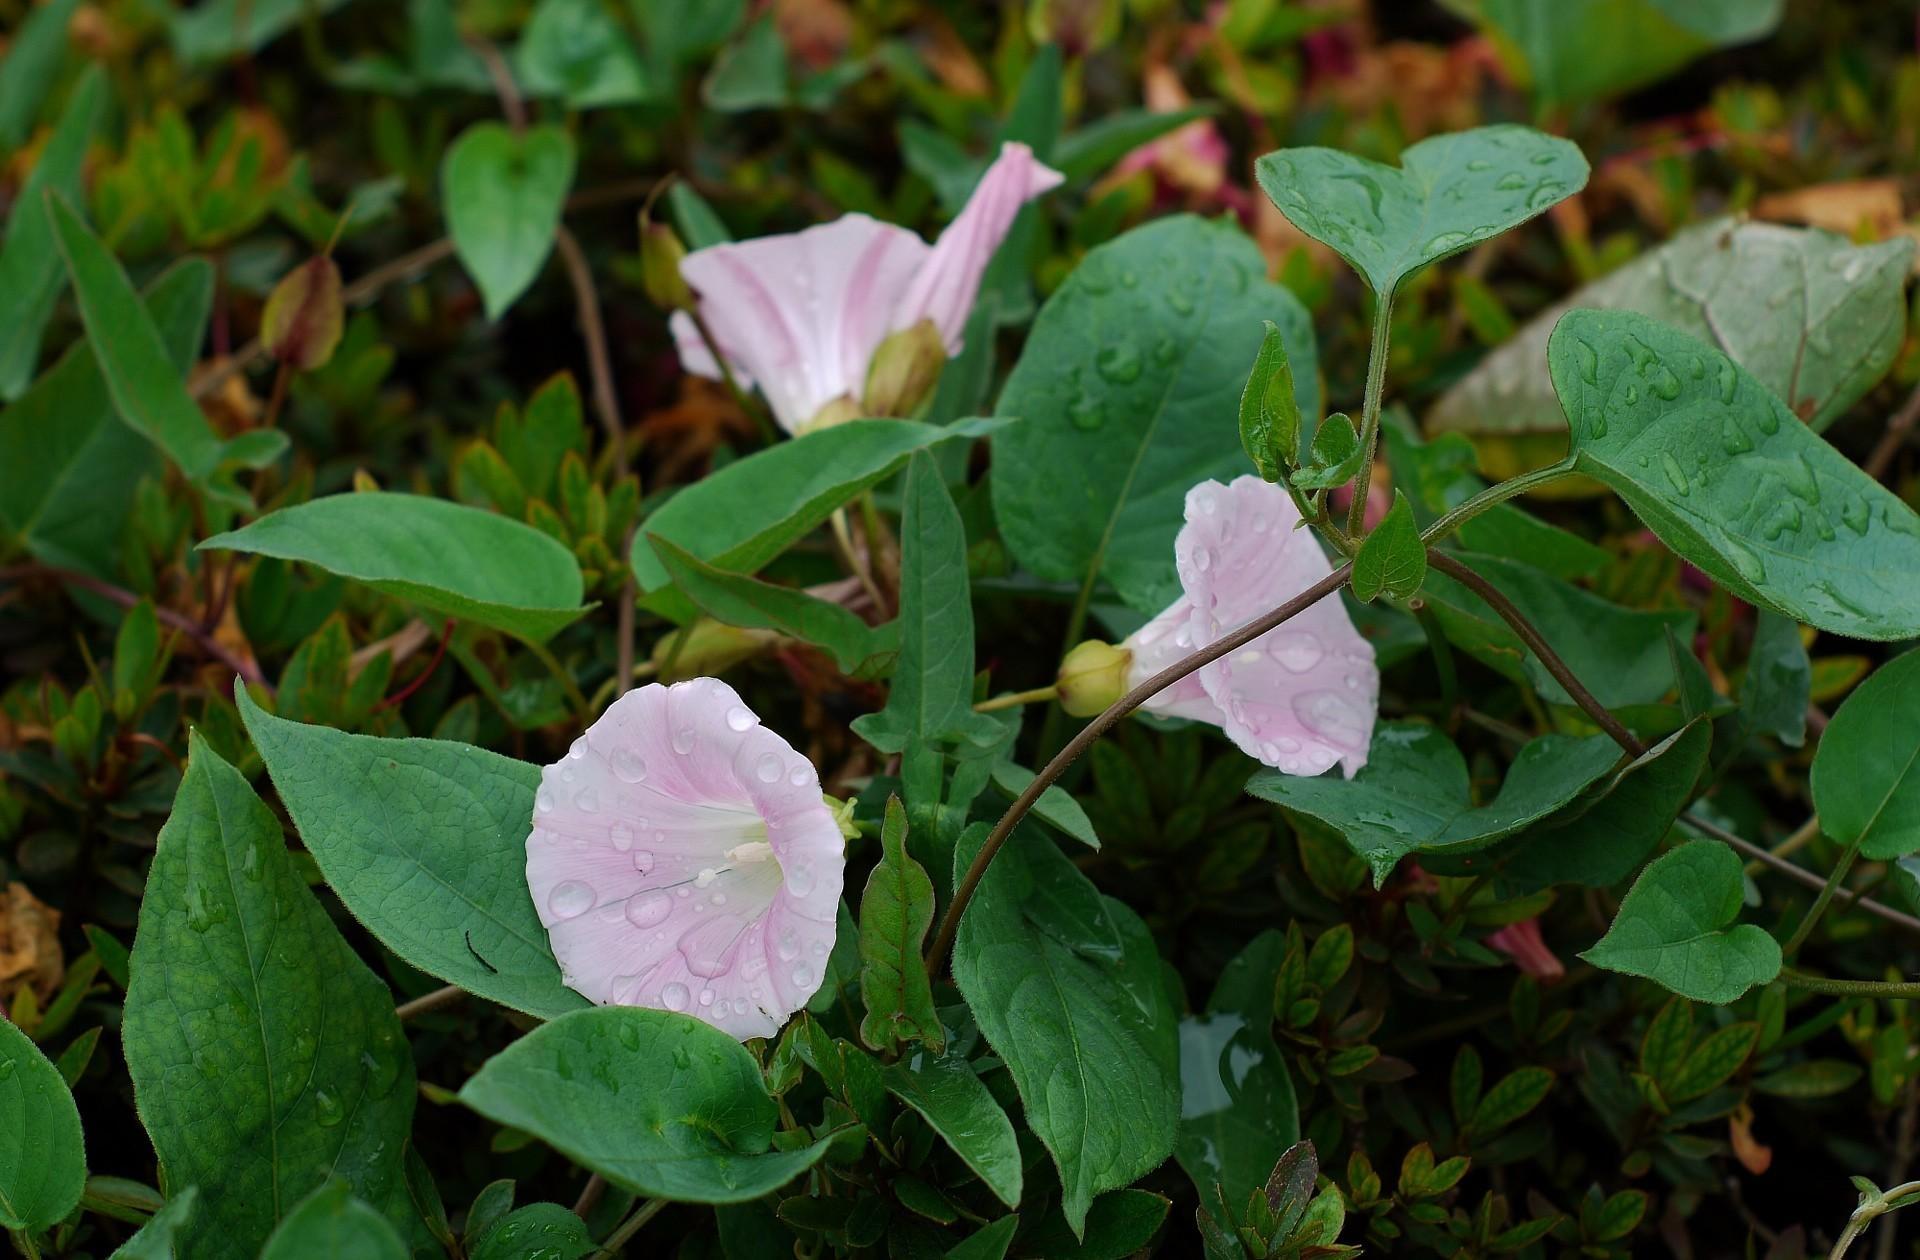 90264 Hintergrundbild herunterladen Blumen, Bindweed, Drops, Grüne, Grünen, Frische - Bildschirmschoner und Bilder kostenlos